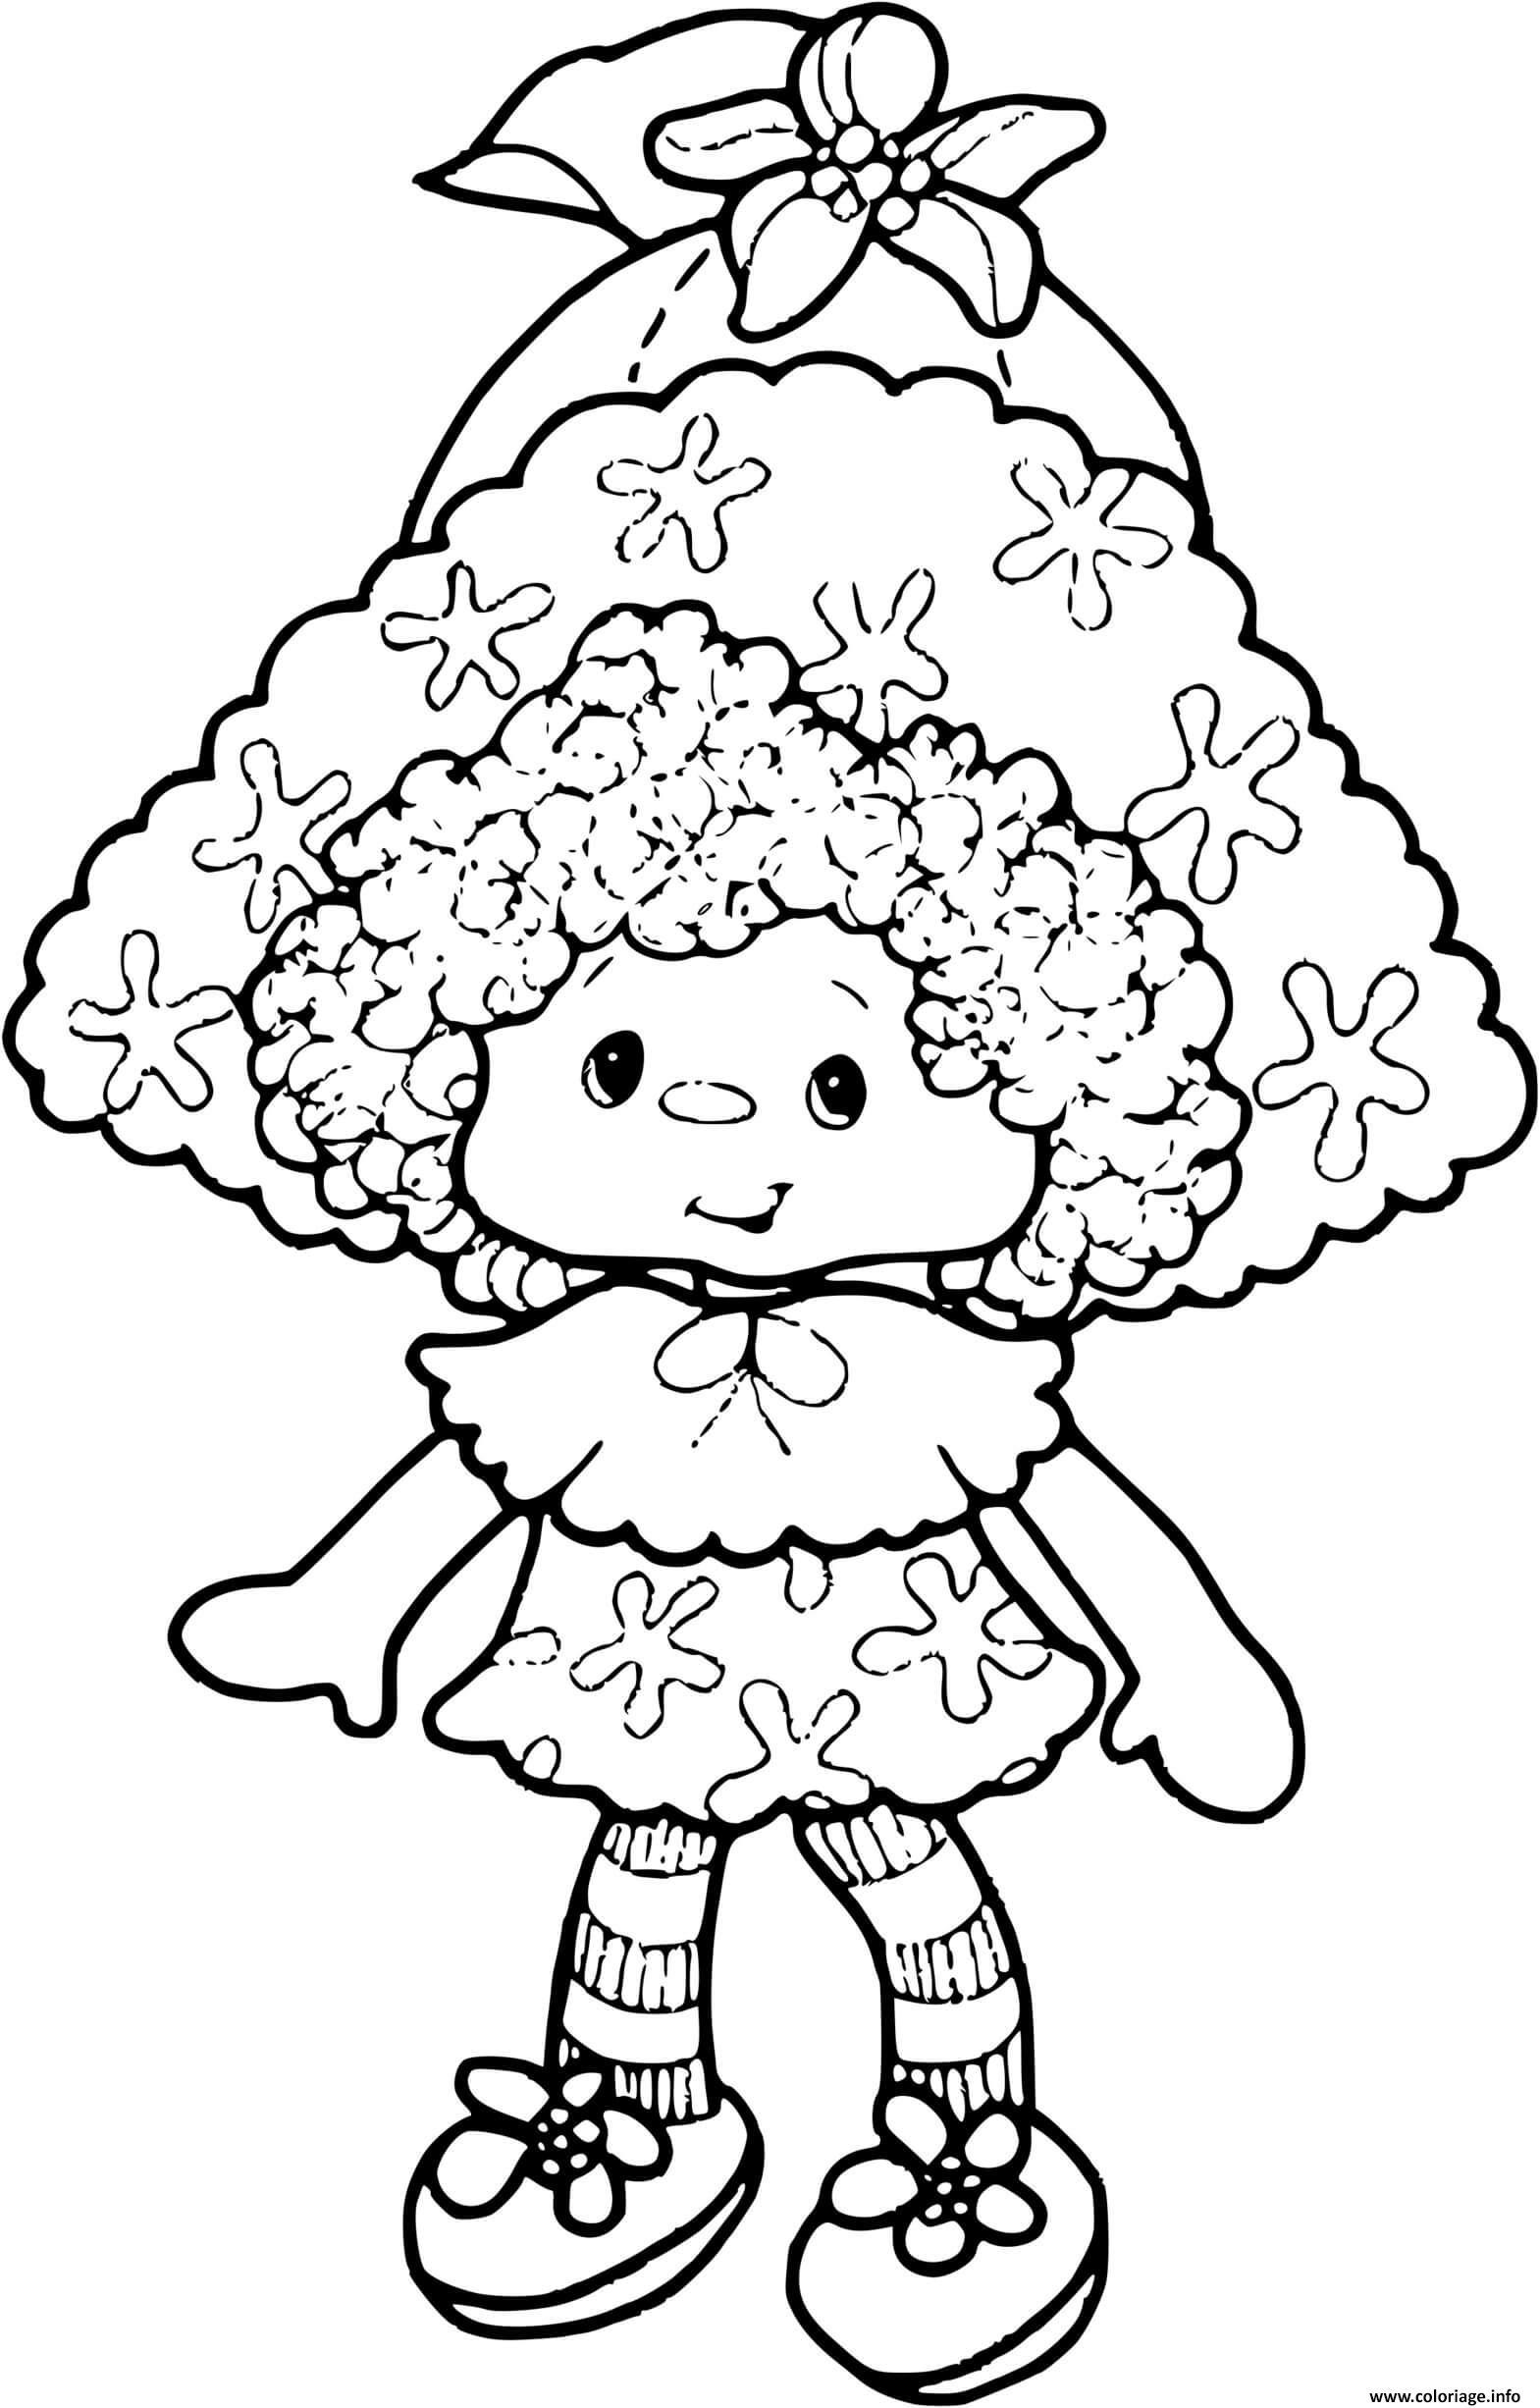 Dessin Charlotte aux fraises poupee Coloriage Gratuit à Imprimer